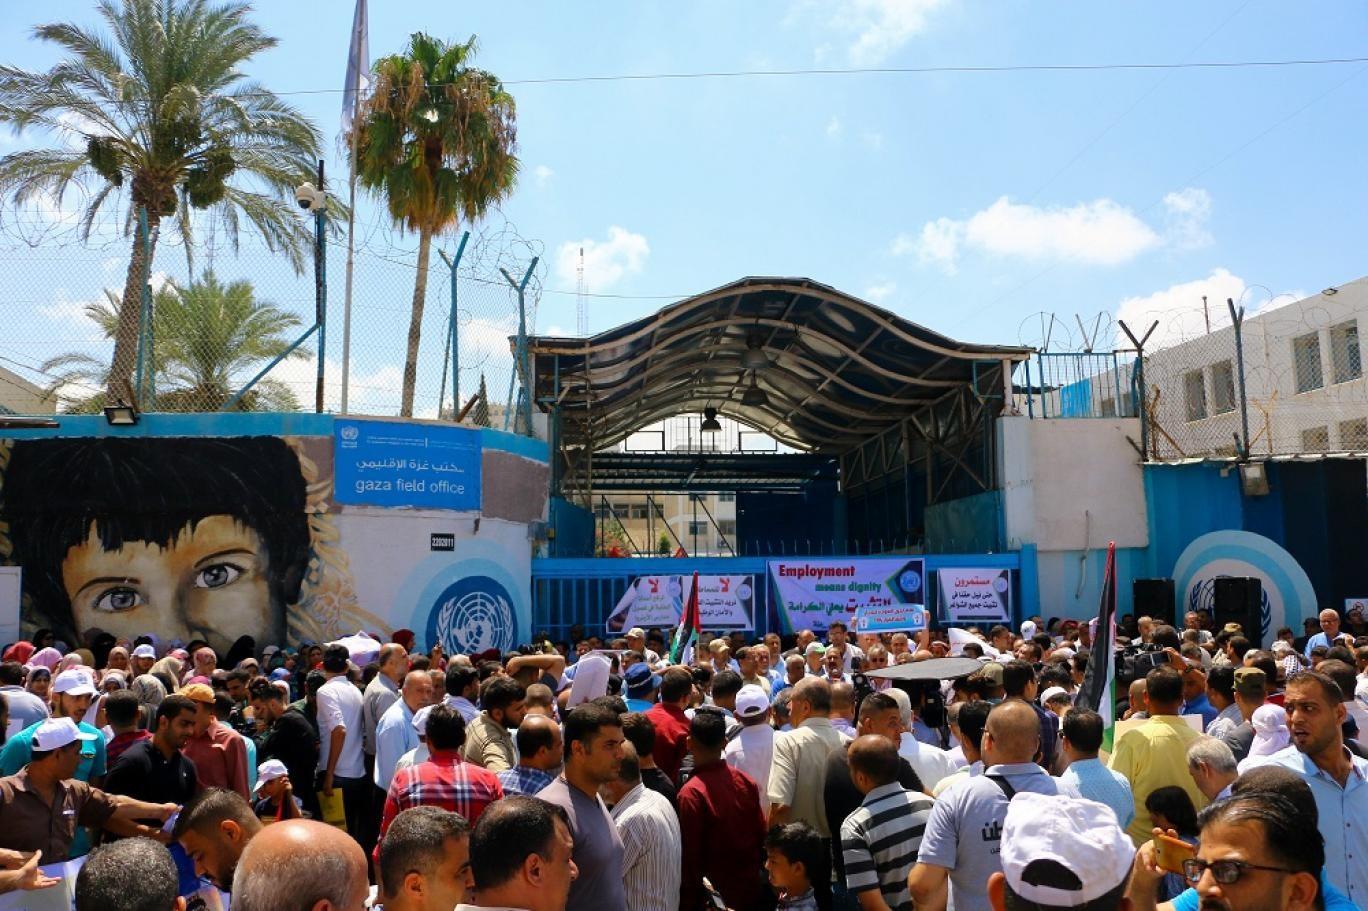 """تظاهرة بغزة: قادة العالم اختاروا المكان الخطأ لاحياء معتقل """"اوشفتتس"""""""